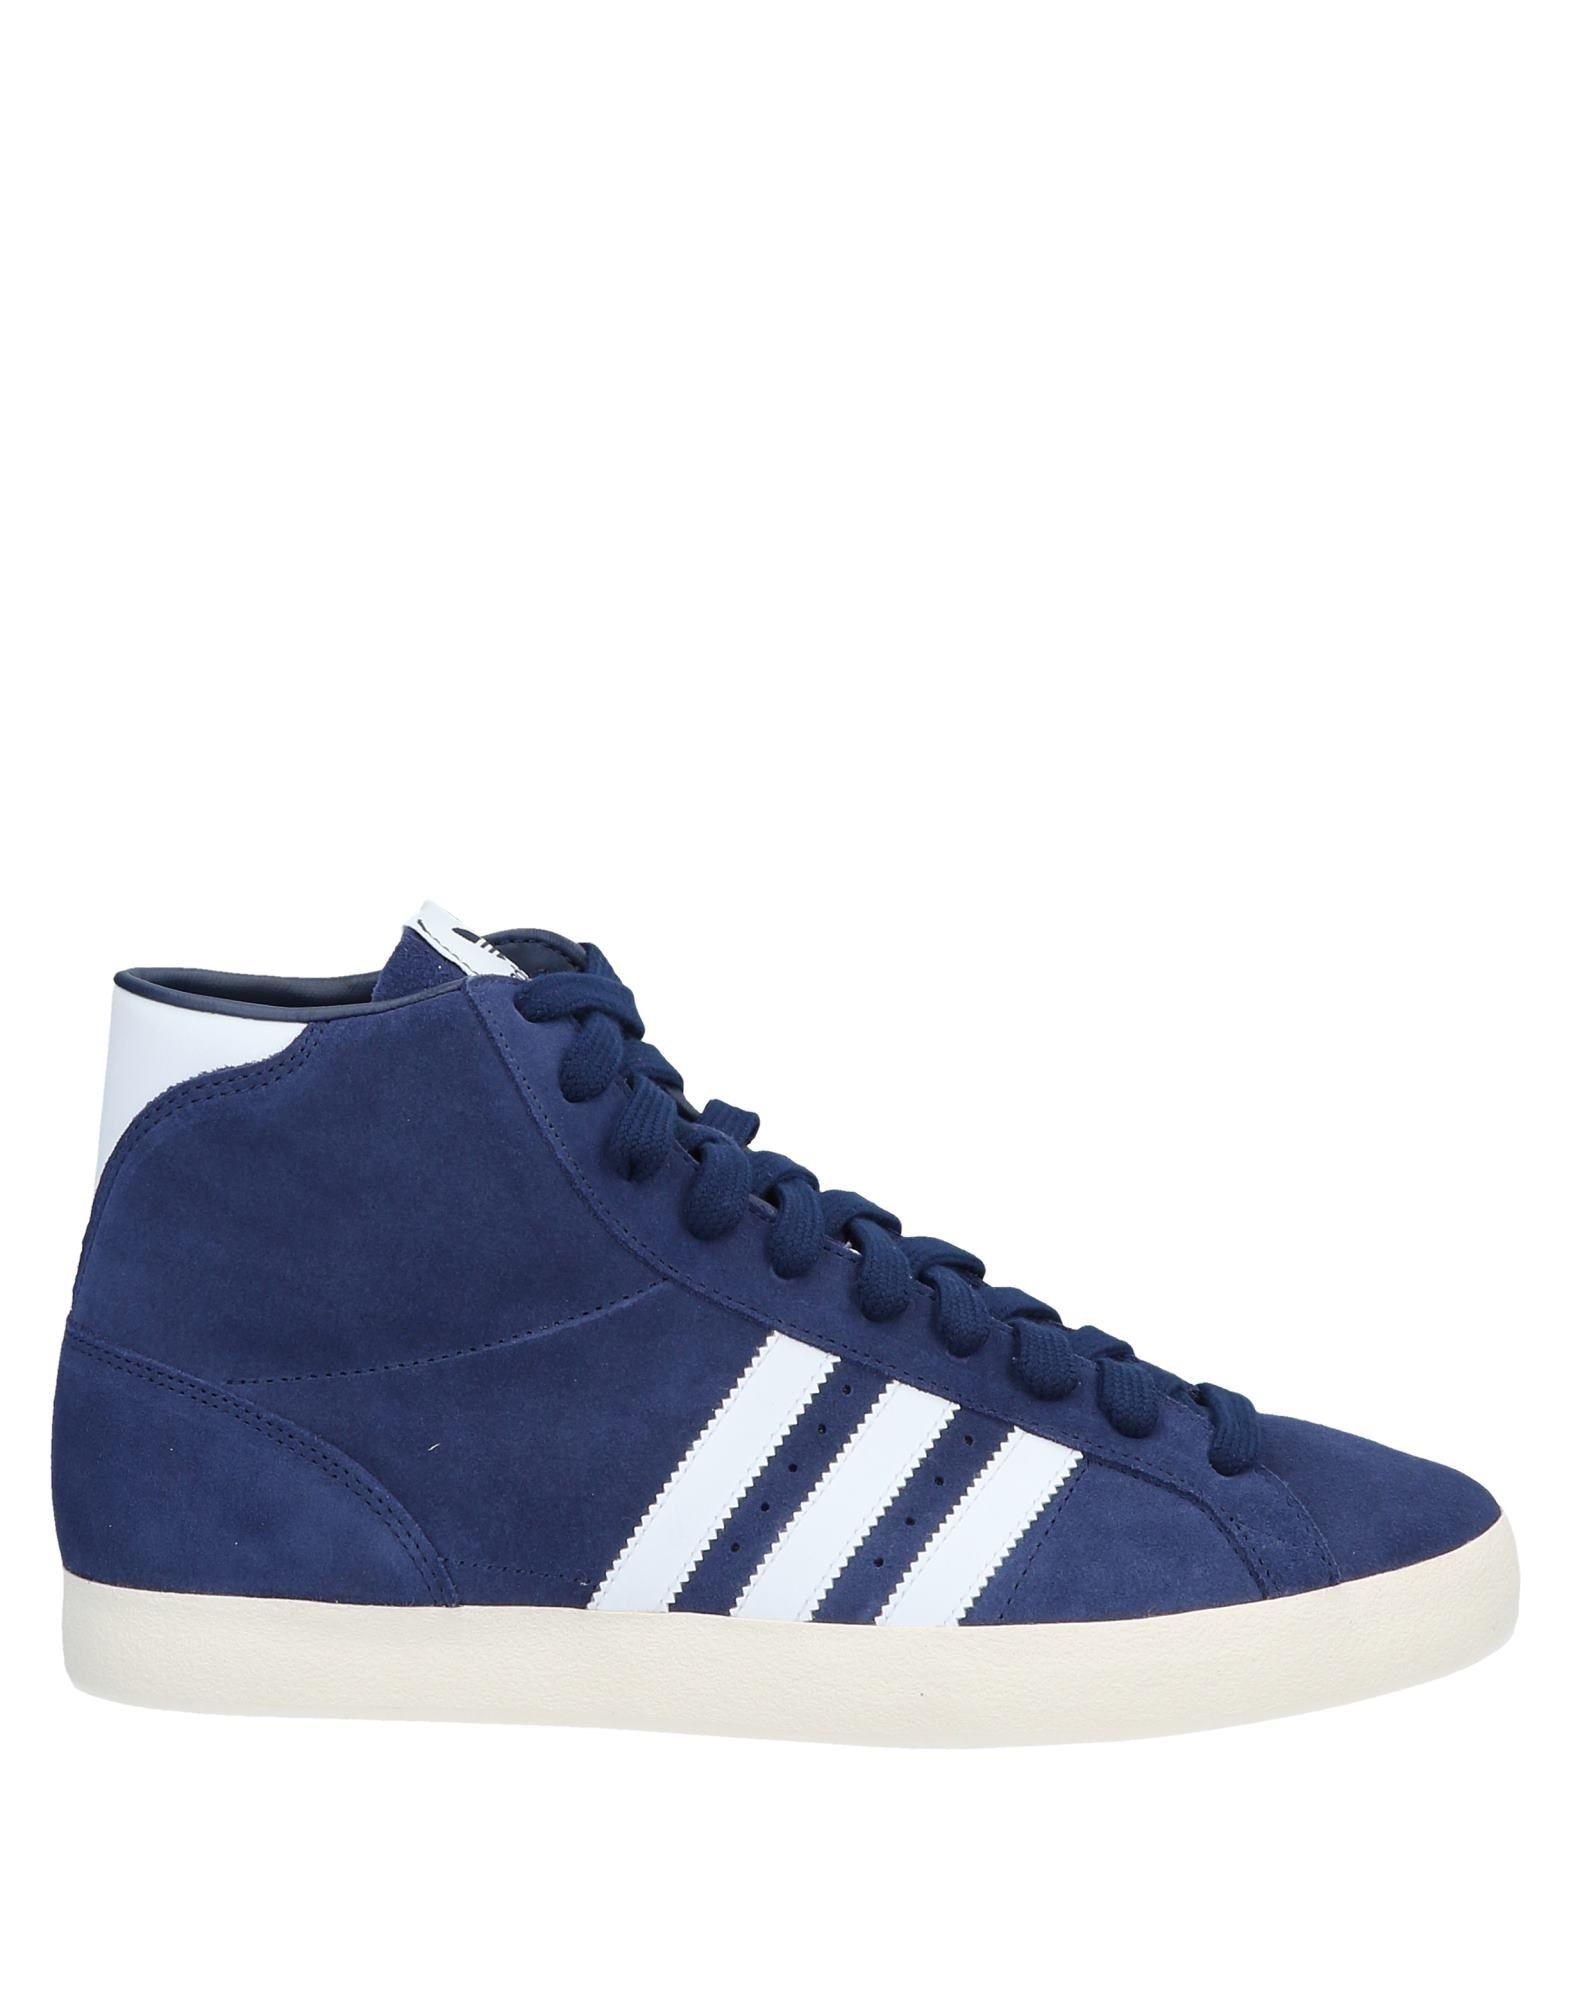 3b0f58673c ADIDAS ORIGINALS ΠΑΠΟΥΤΣΙΑ Χαμηλά sneakers